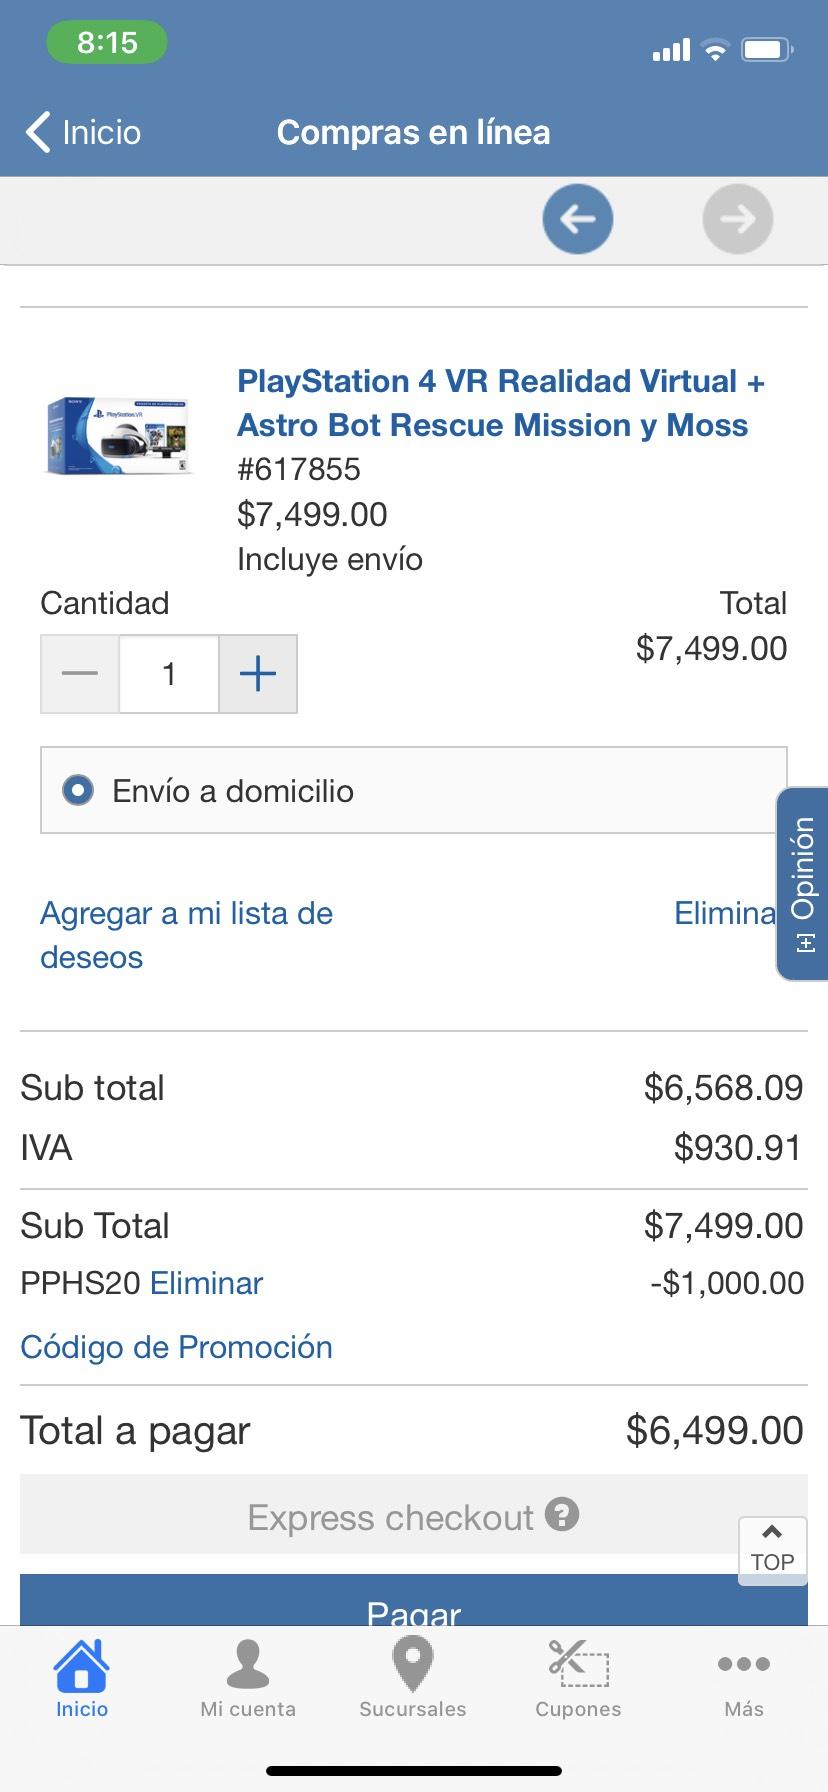 Costco: PlayStation 4 VR + Astro Bot Rescue y Moss (pagando con Citibanamex)